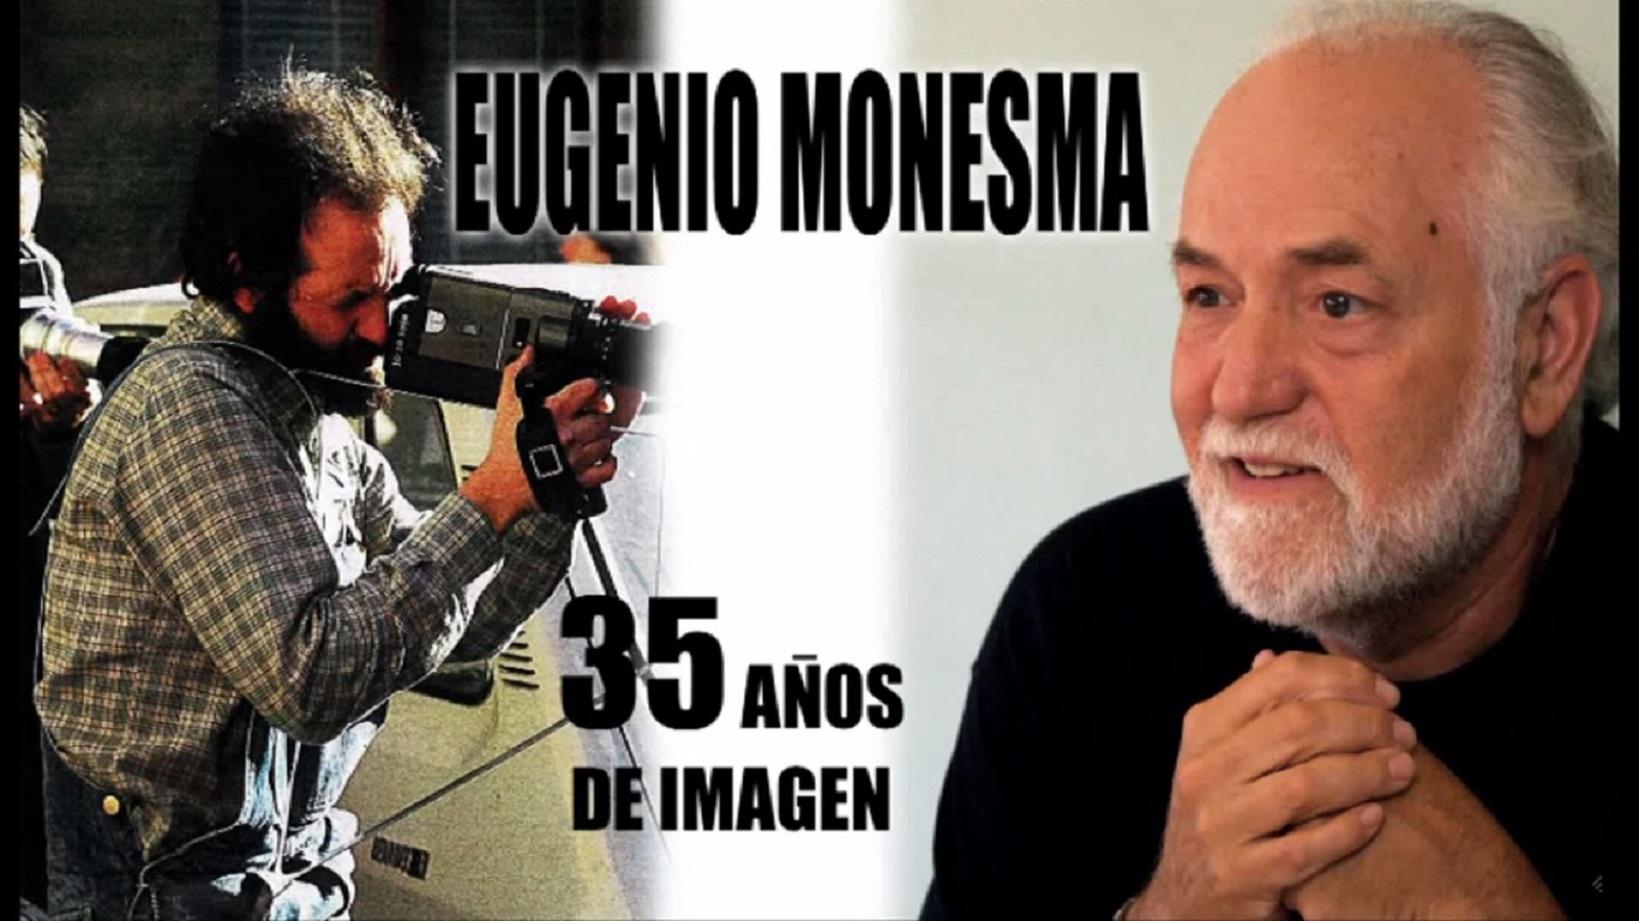 Eugenio Monesma, un referente en el mundo del documental etnográfico tradicional